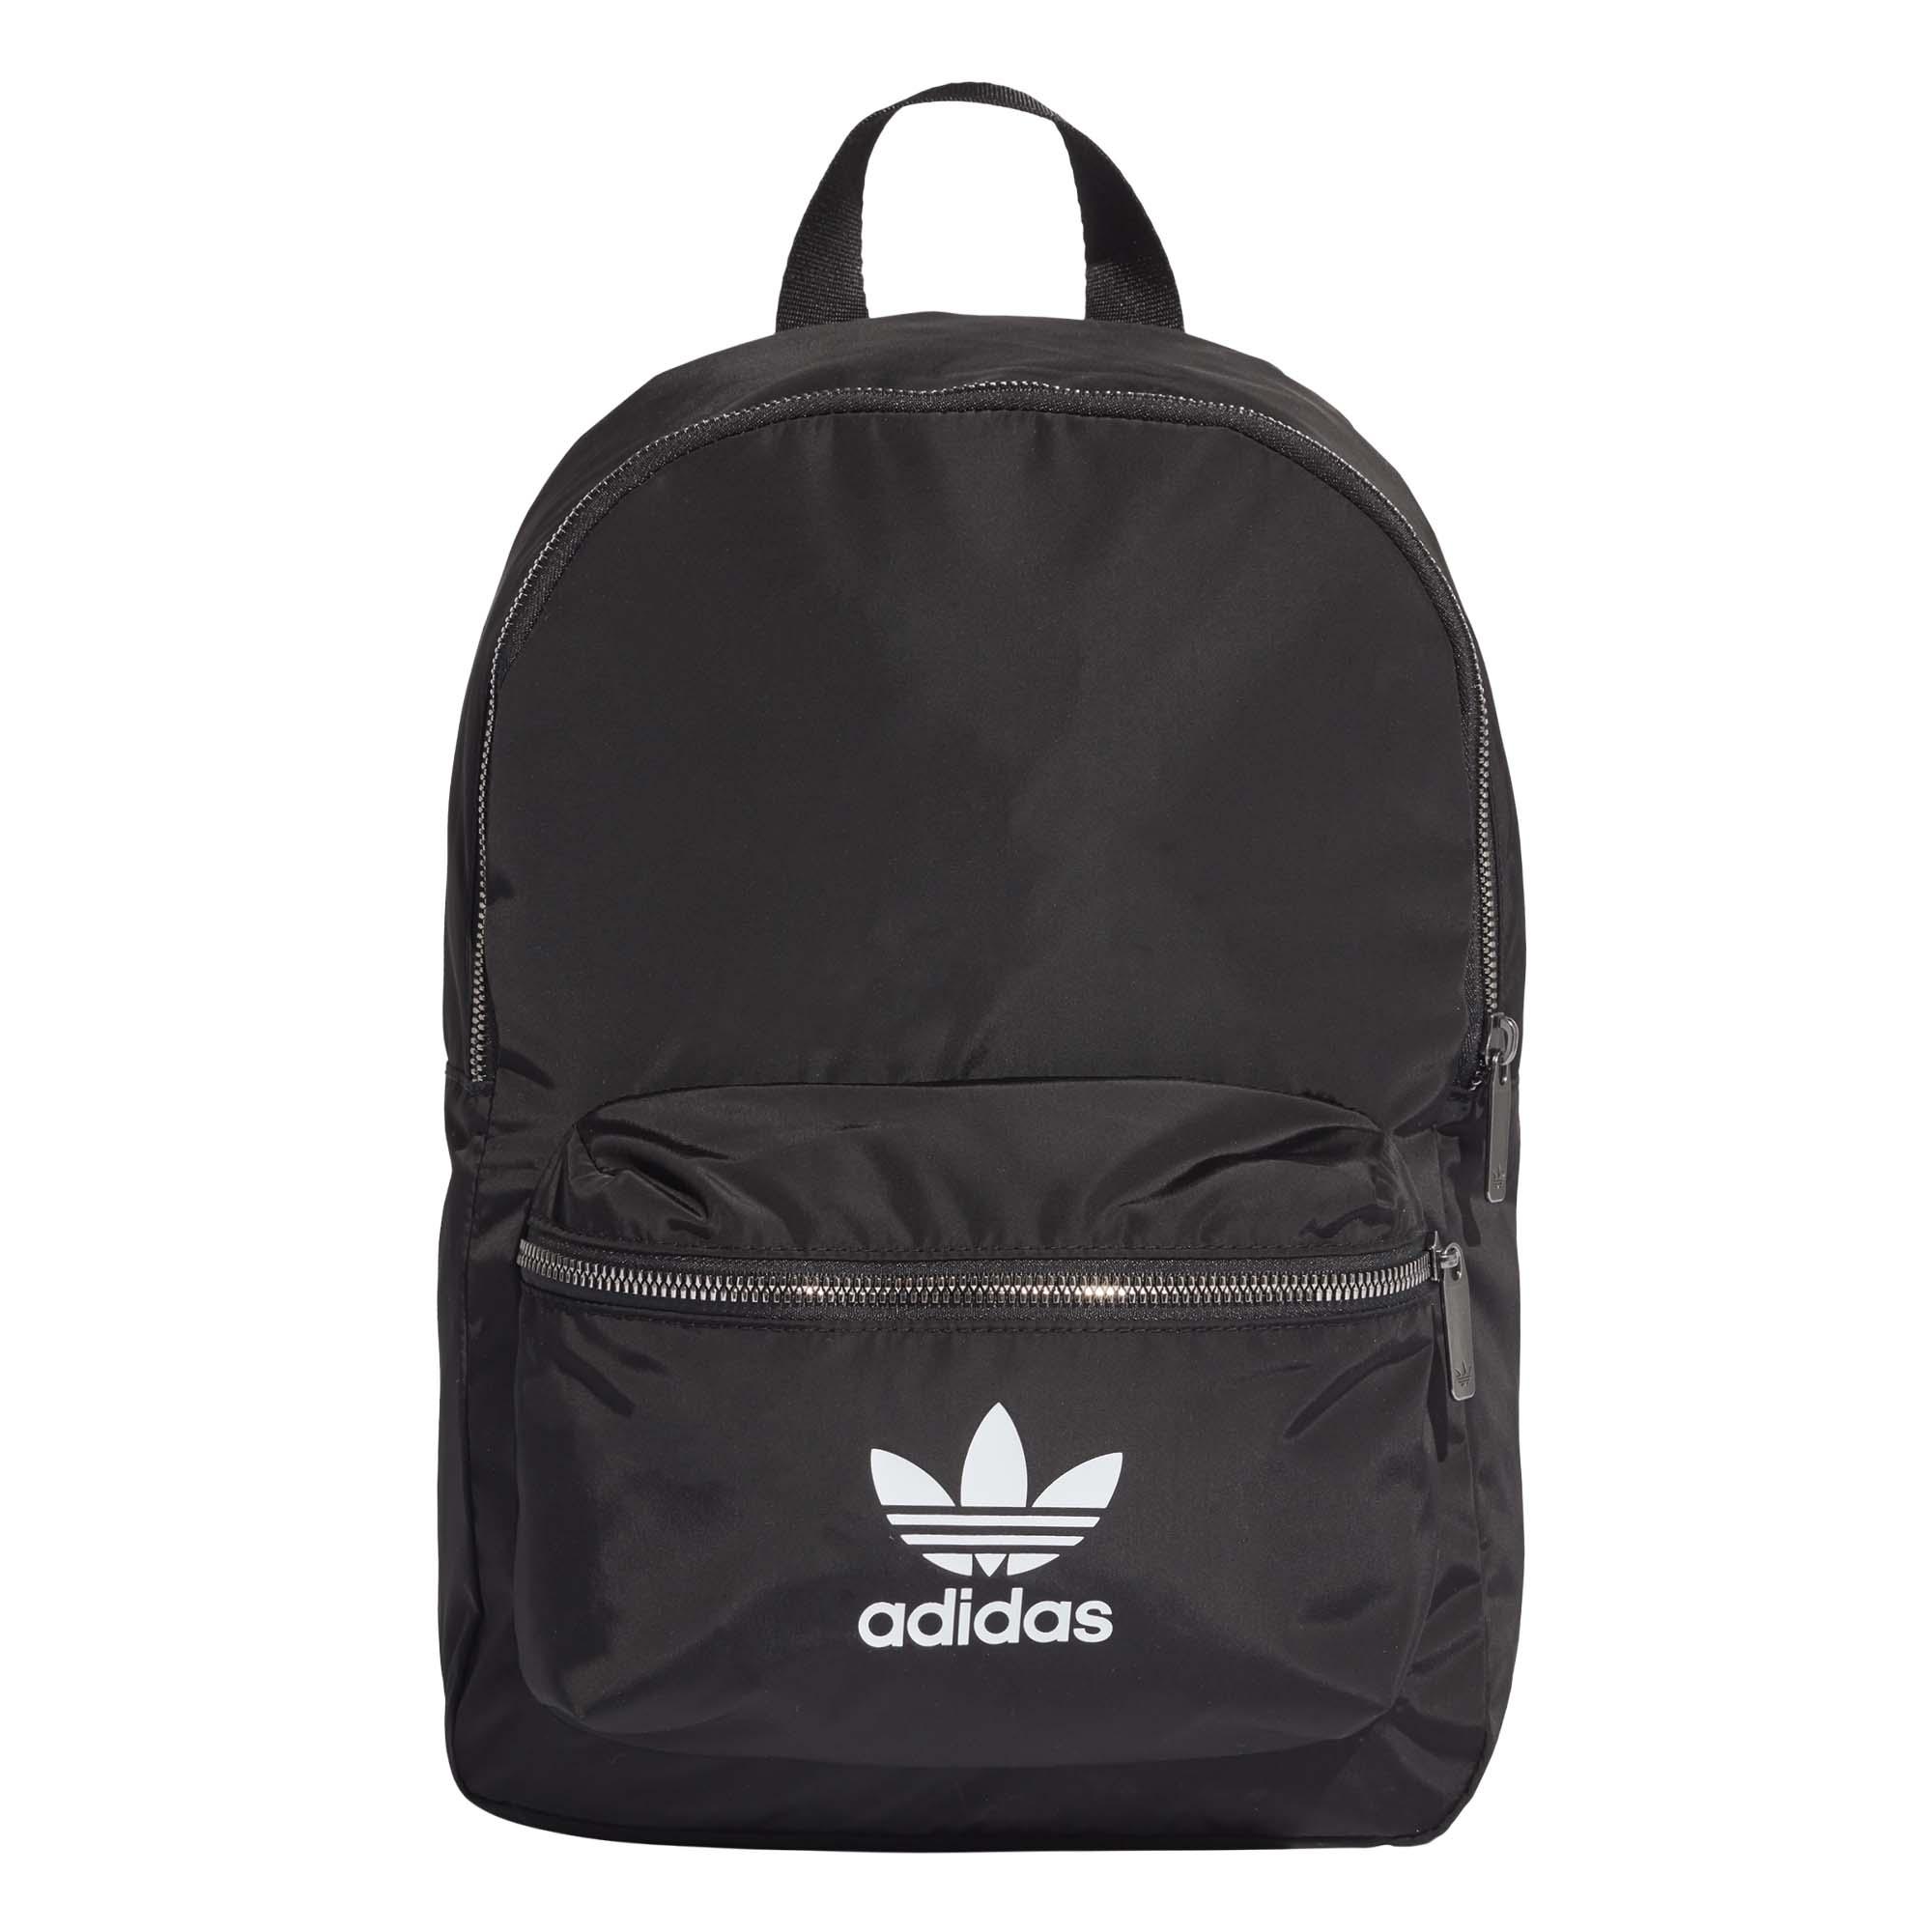 תיק גב אדידס שחור ליוניסקס - Adidas Nylon Backpack